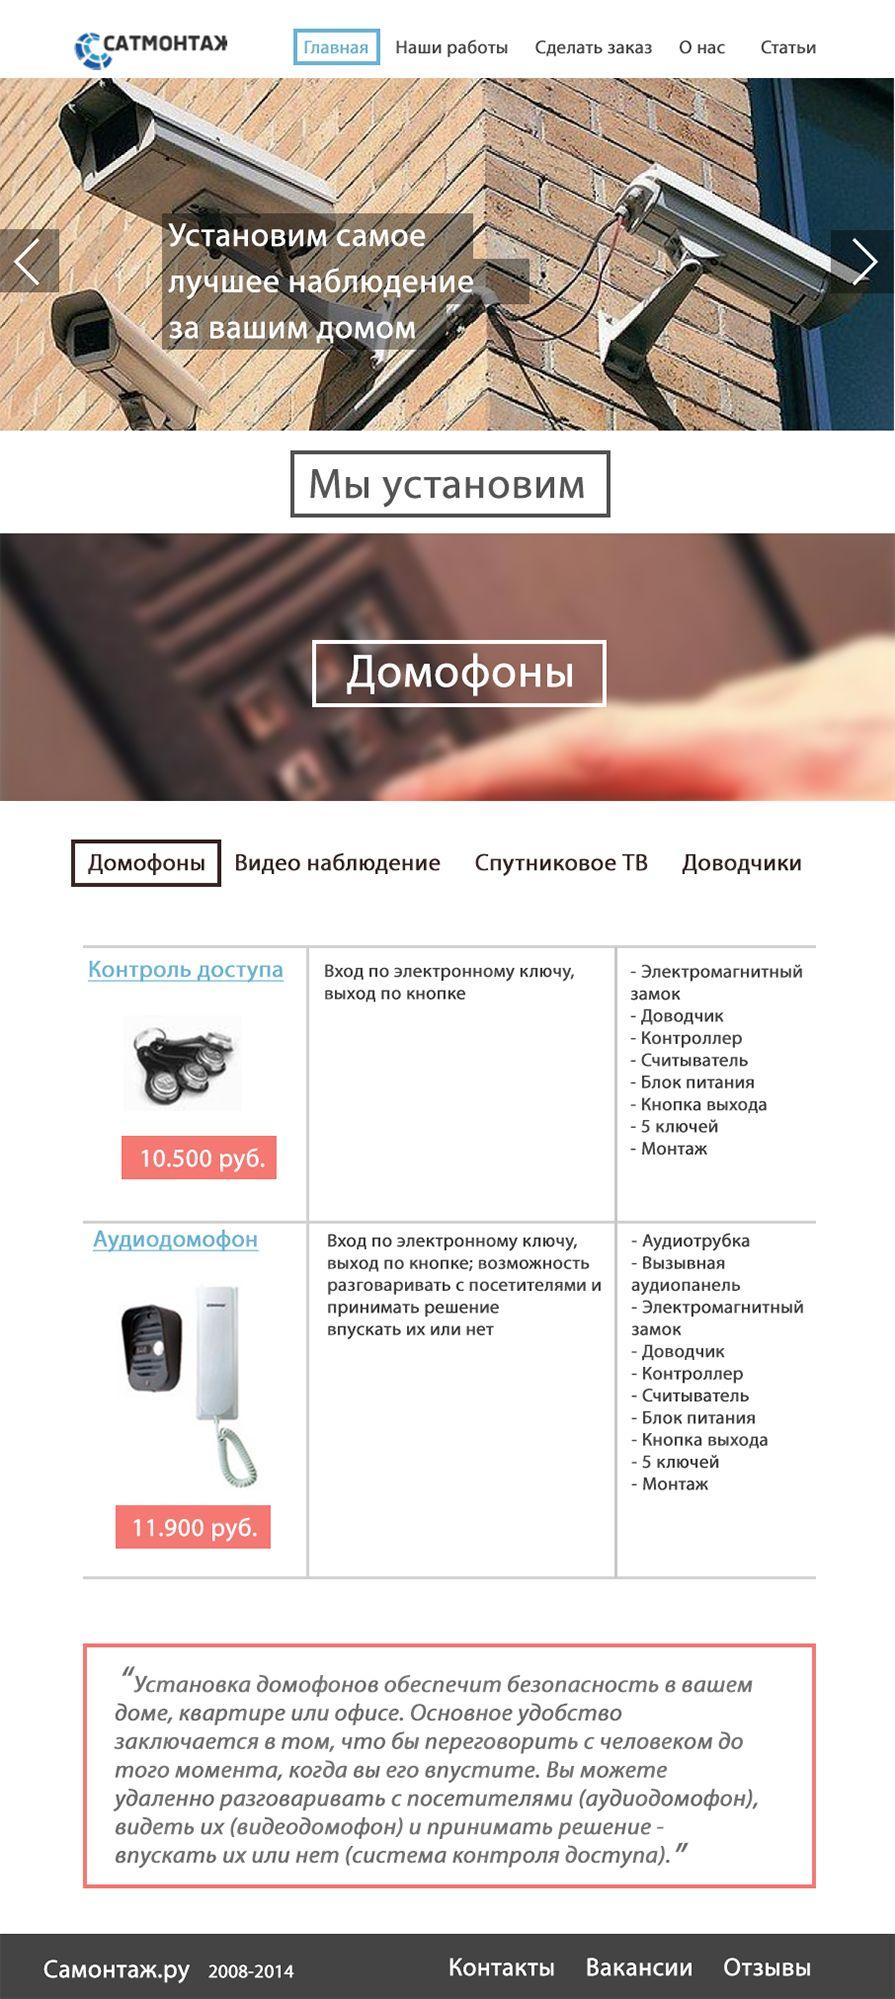 Дизайн (редизайн) существующего сайта - дизайнер artemsummer